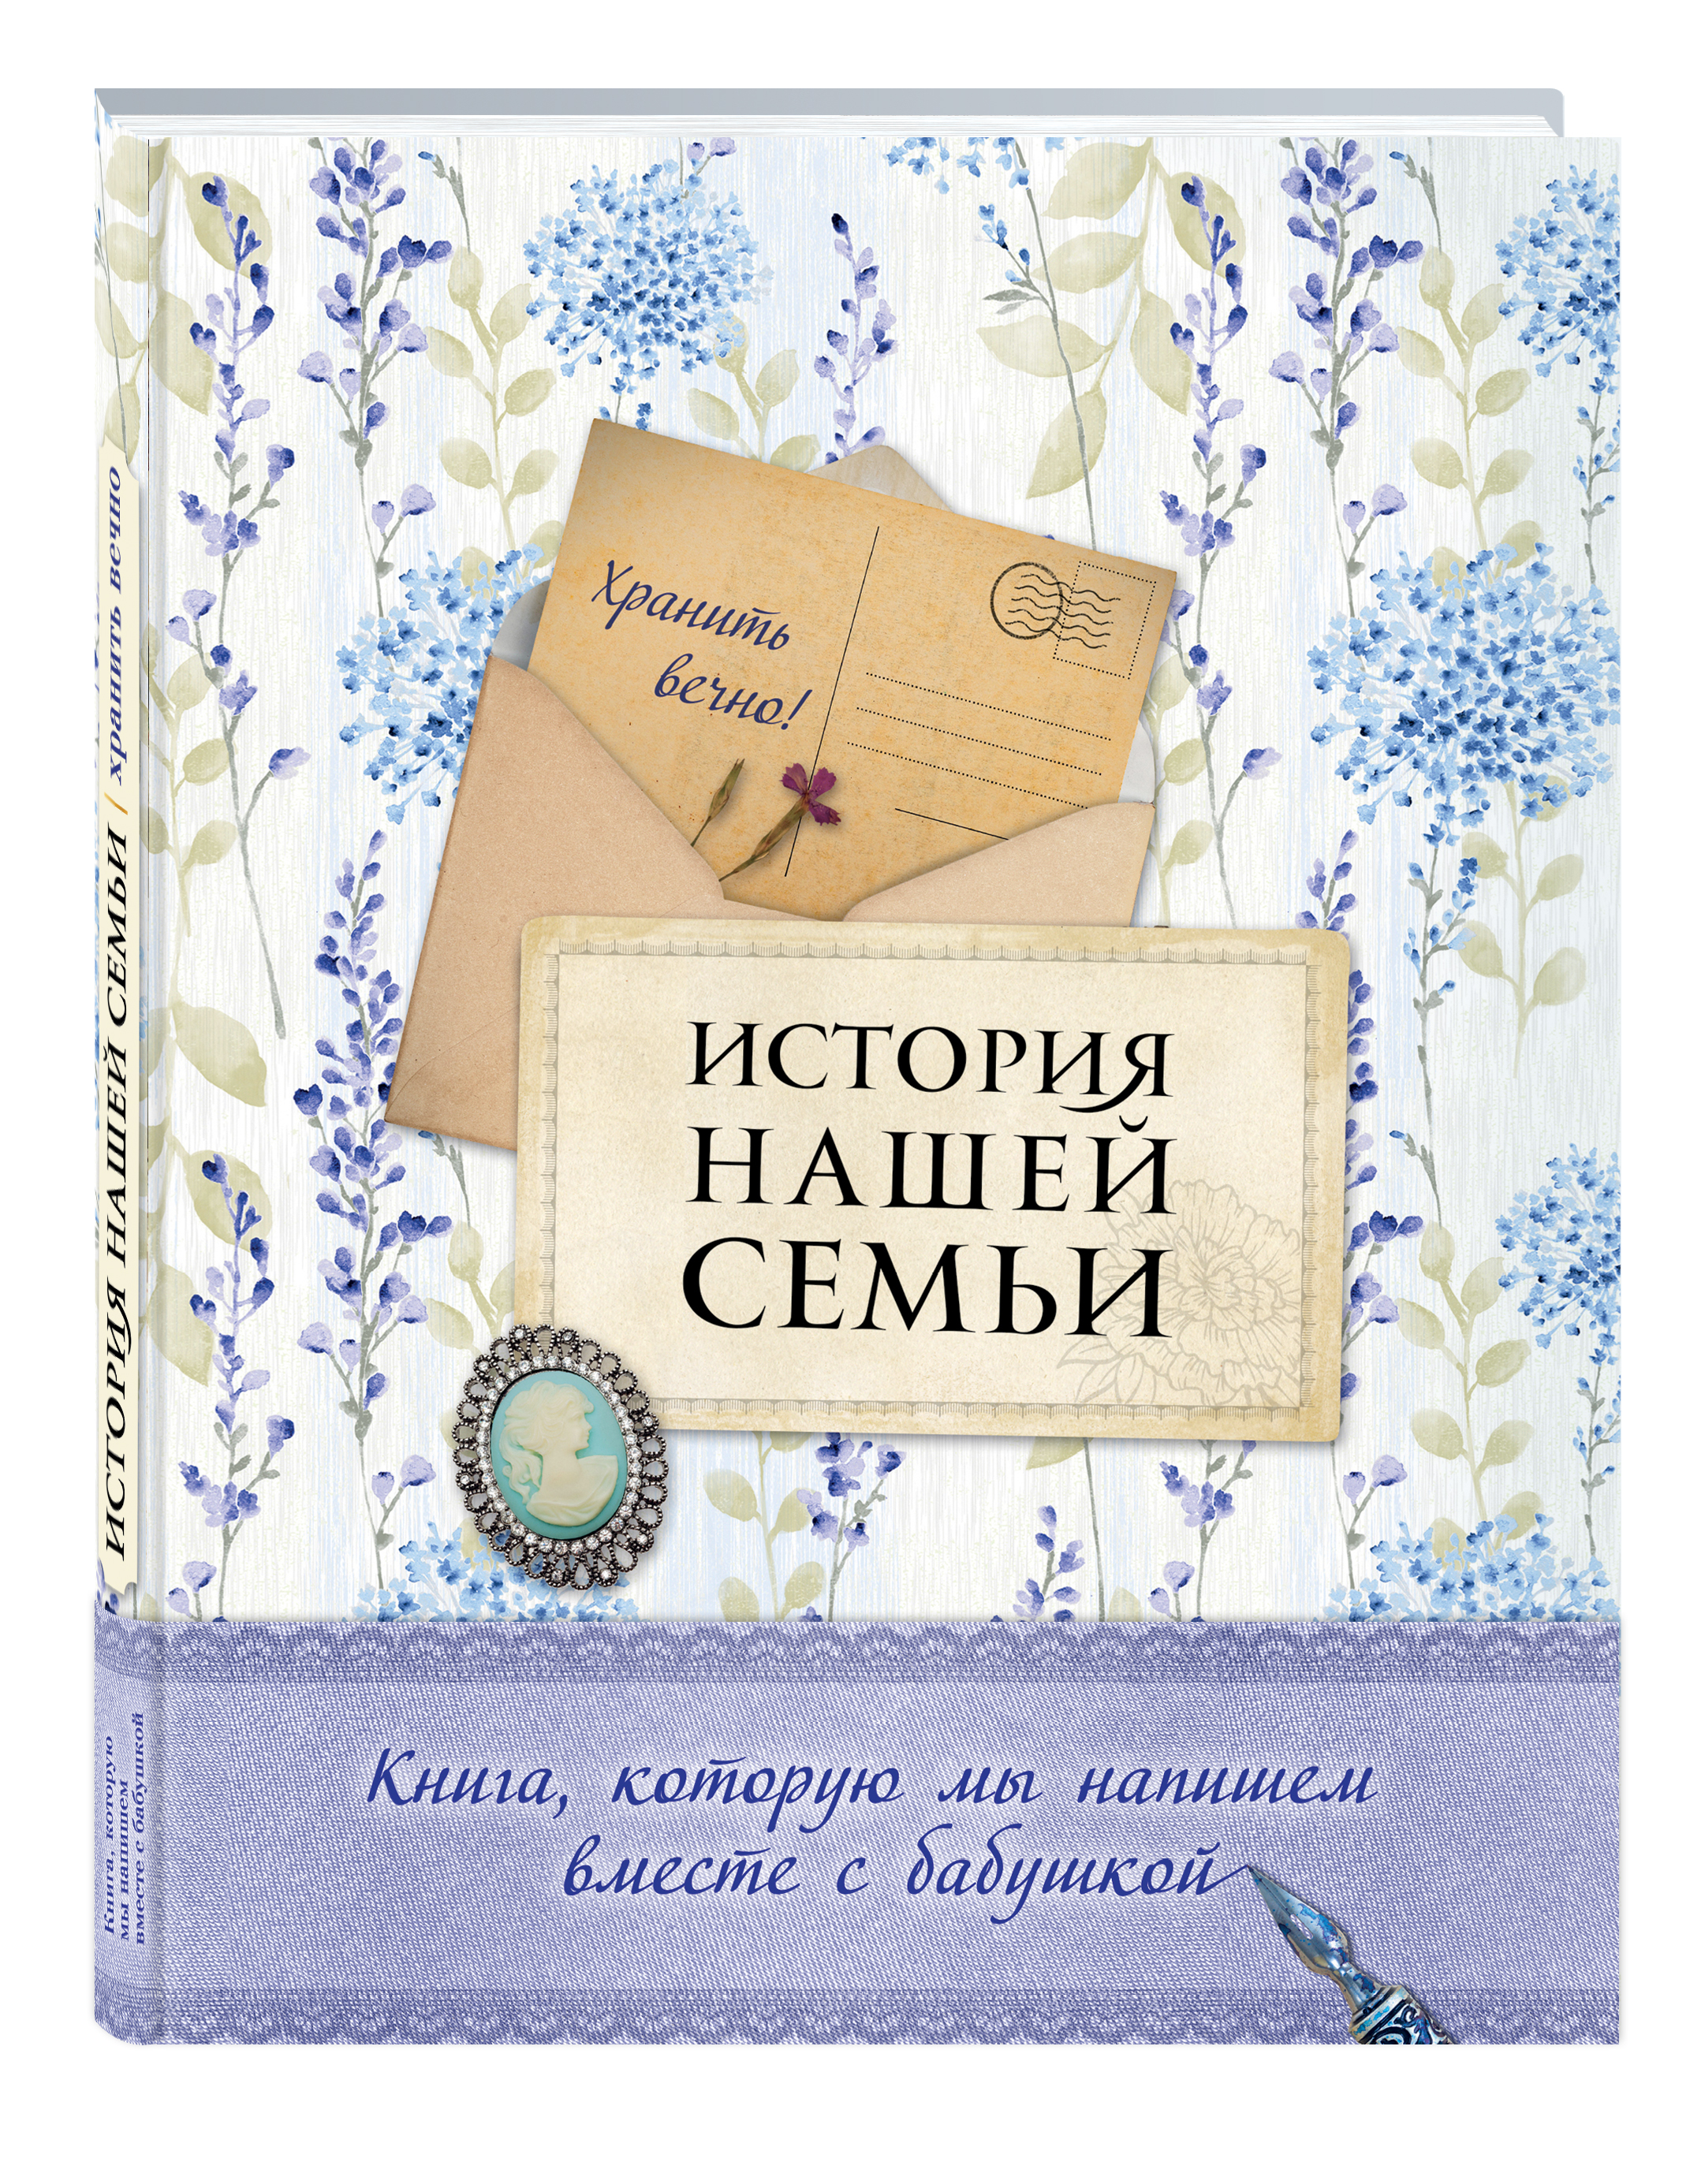 История нашей семьи. Книга, которую мы напишем вместе с бабушкой (оф. 2) ( Е. В. Ласкова  )